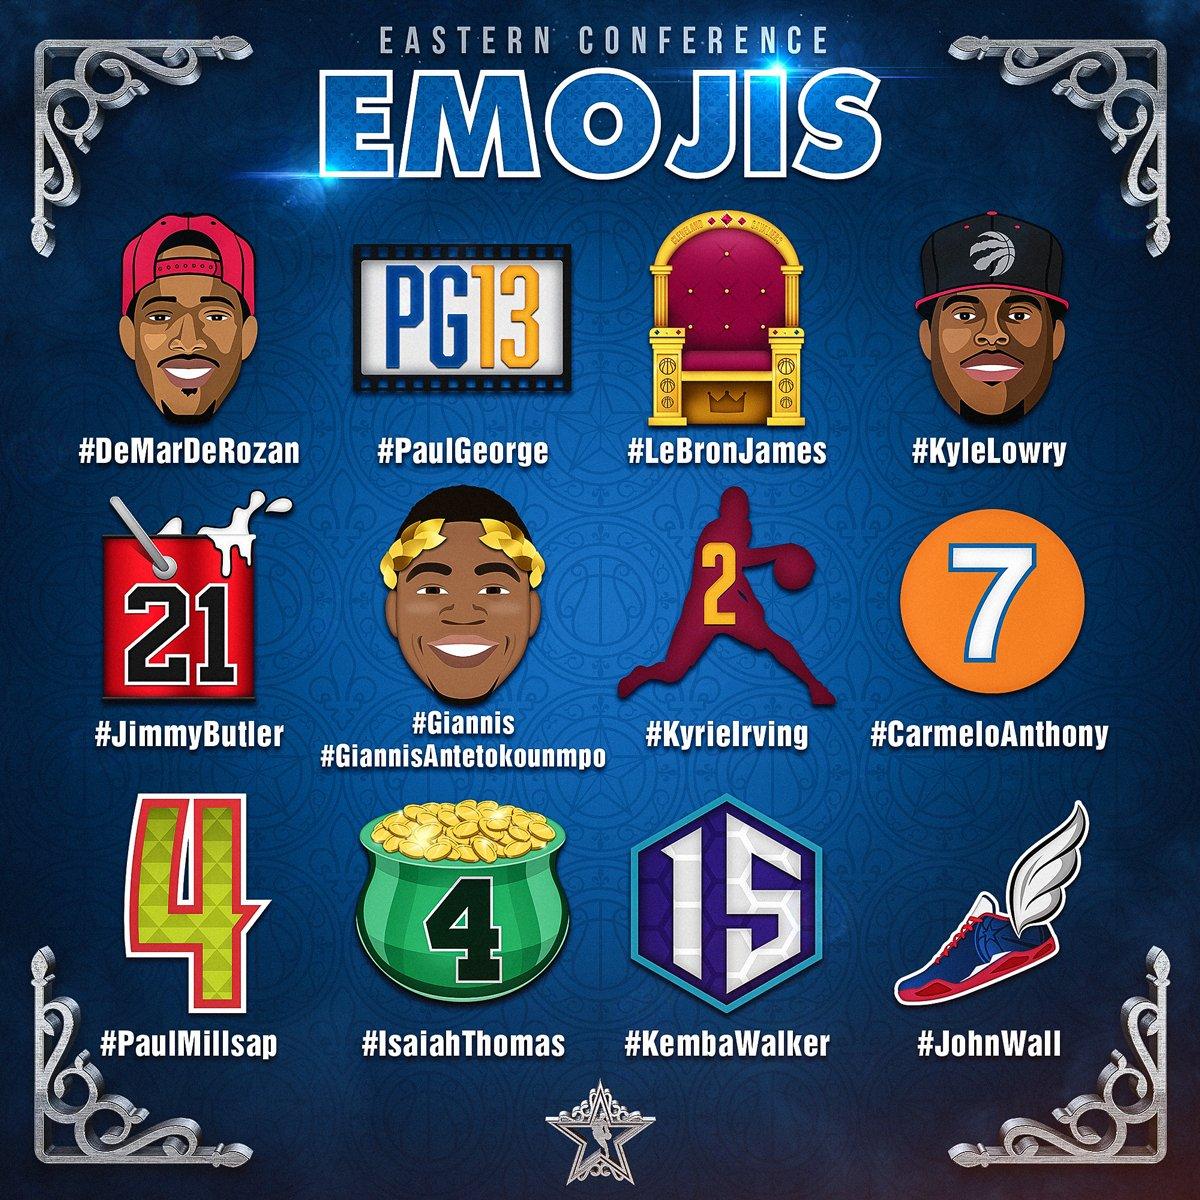 NBA y Twitter presentan los emojis para el All Star Game